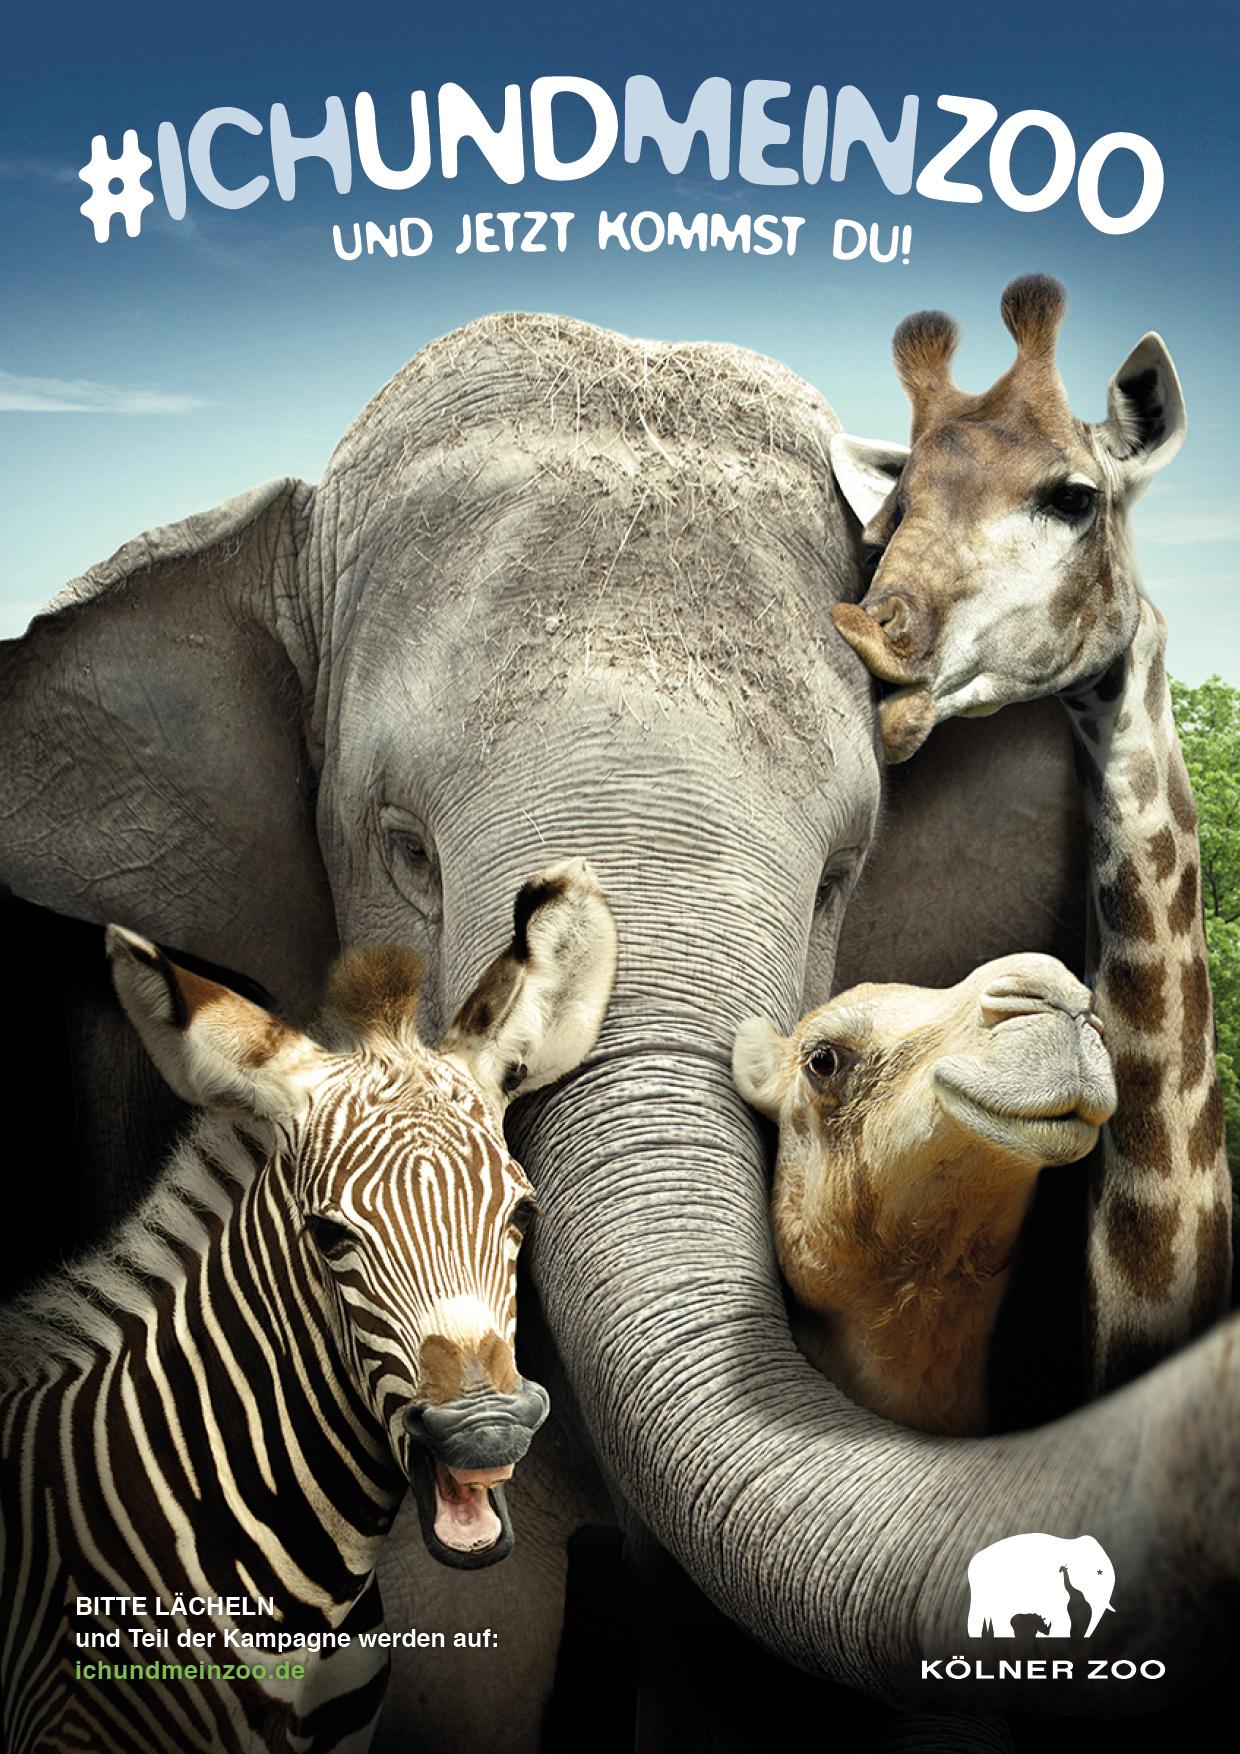 Koelner Zoo Kampagne Tierselfies Motiv Elefant